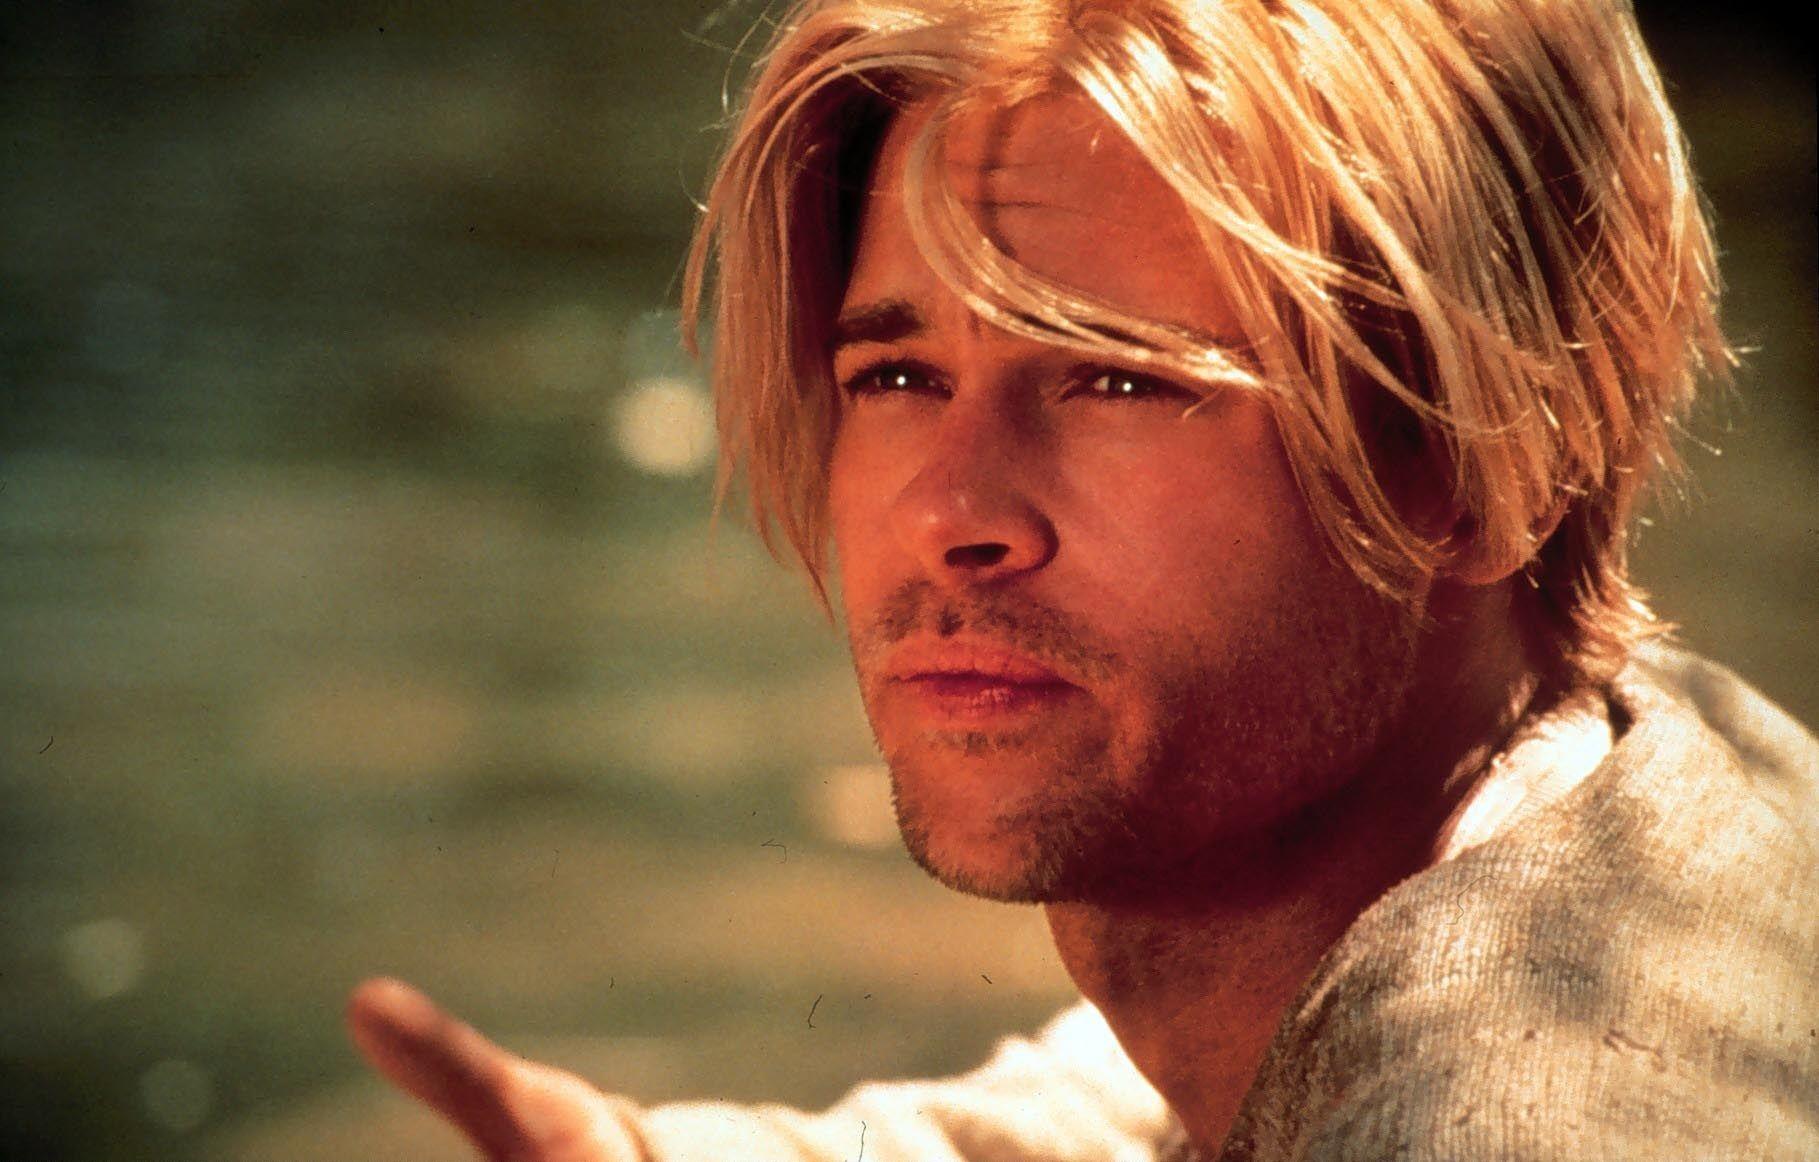 Brad Pitt Brad Pitt Brad Pitt Haircut Brad Pitt Movies